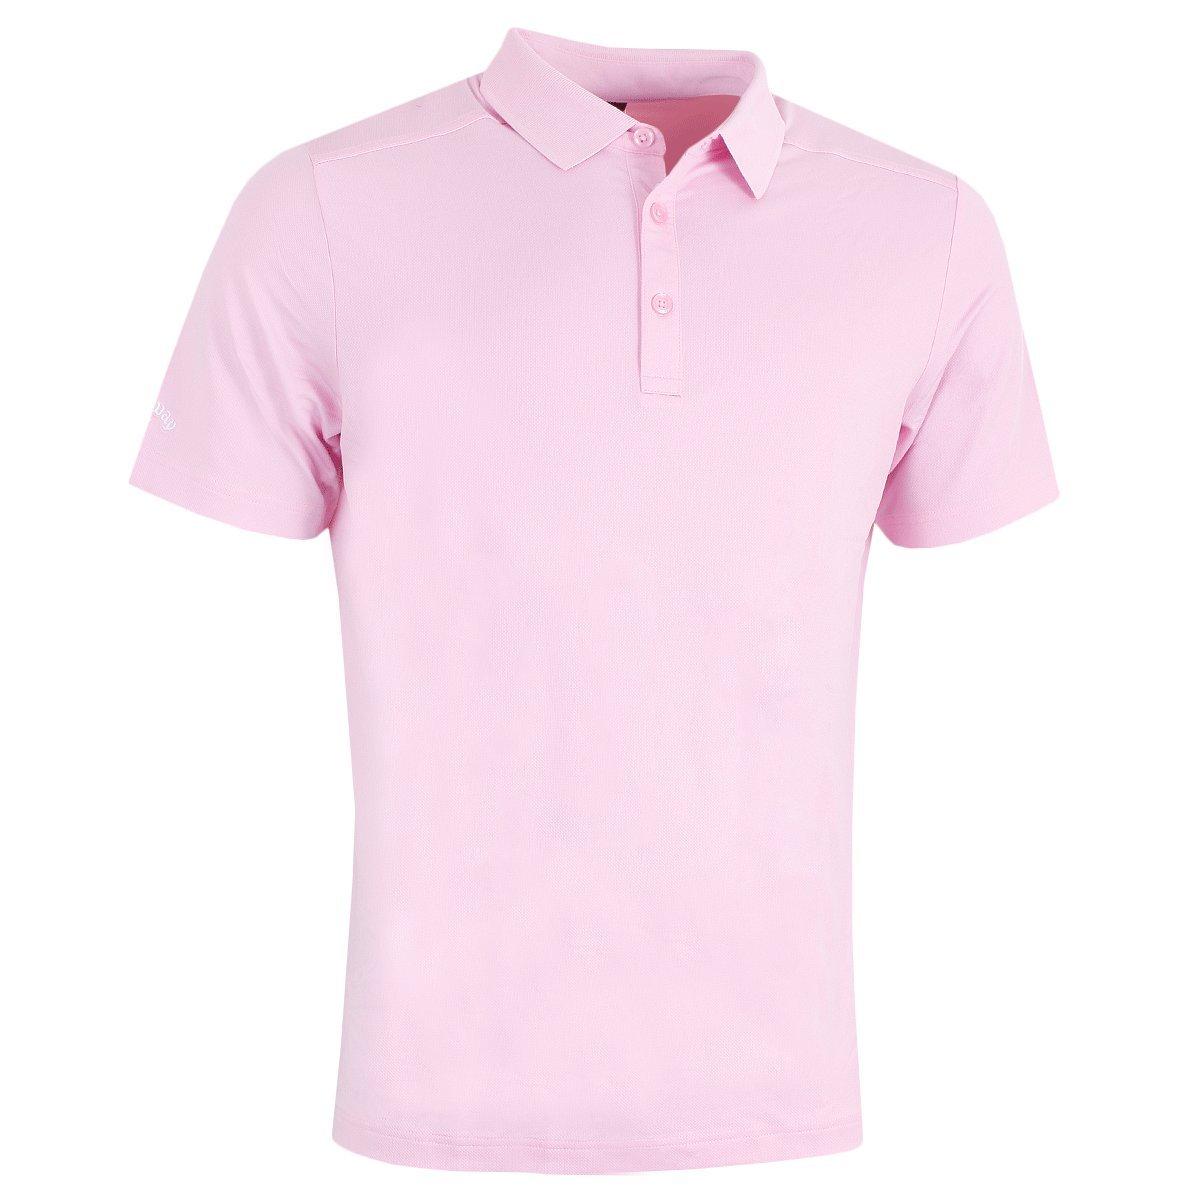 Callaway Golf 2018メンズopti-dri六角ゴルフポロシャツ Medium Lilac Sachet B078TMZ2GG